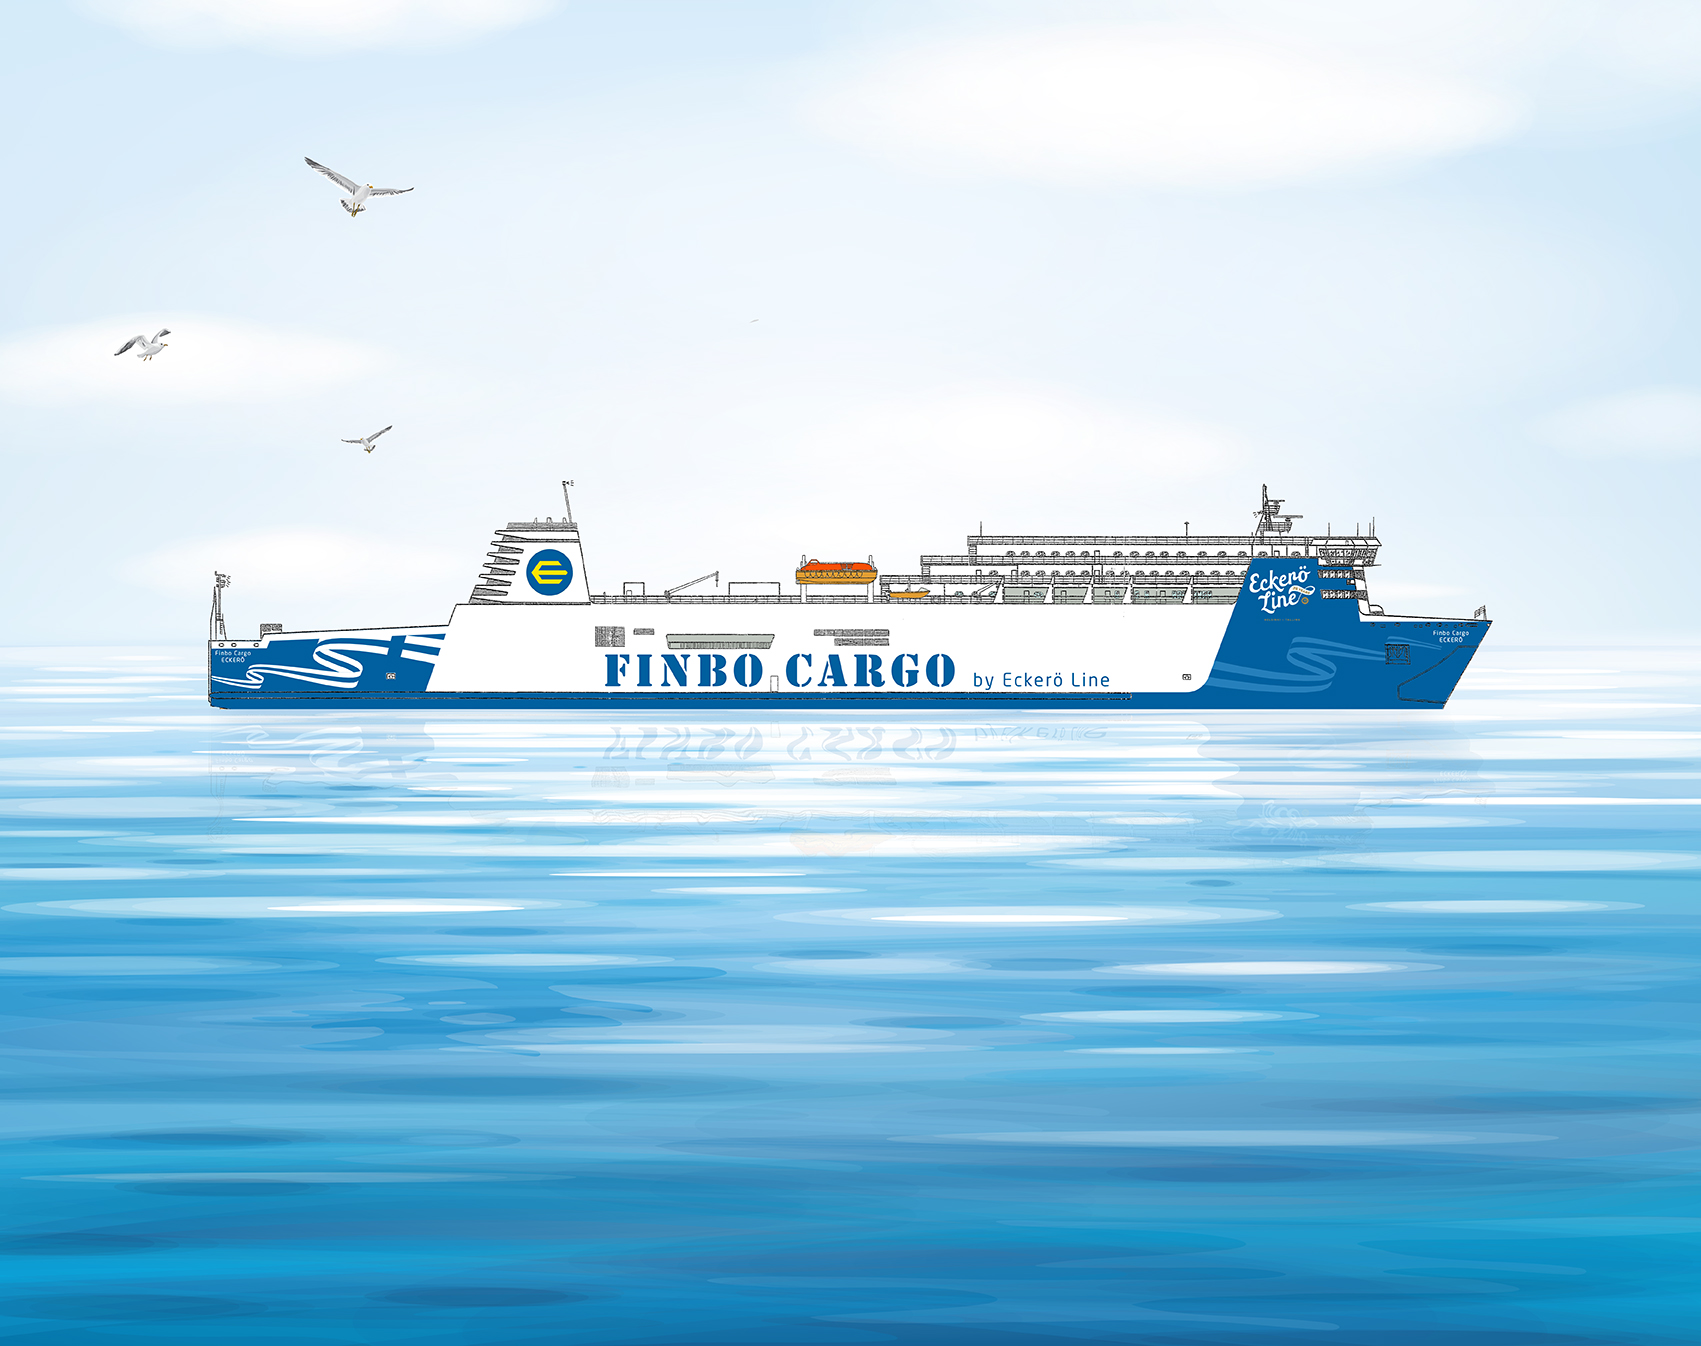 Eckerö Line'i laev Finbo Cargo sõidab Muuga sadamast Vuosaarisse alla kolme tunni